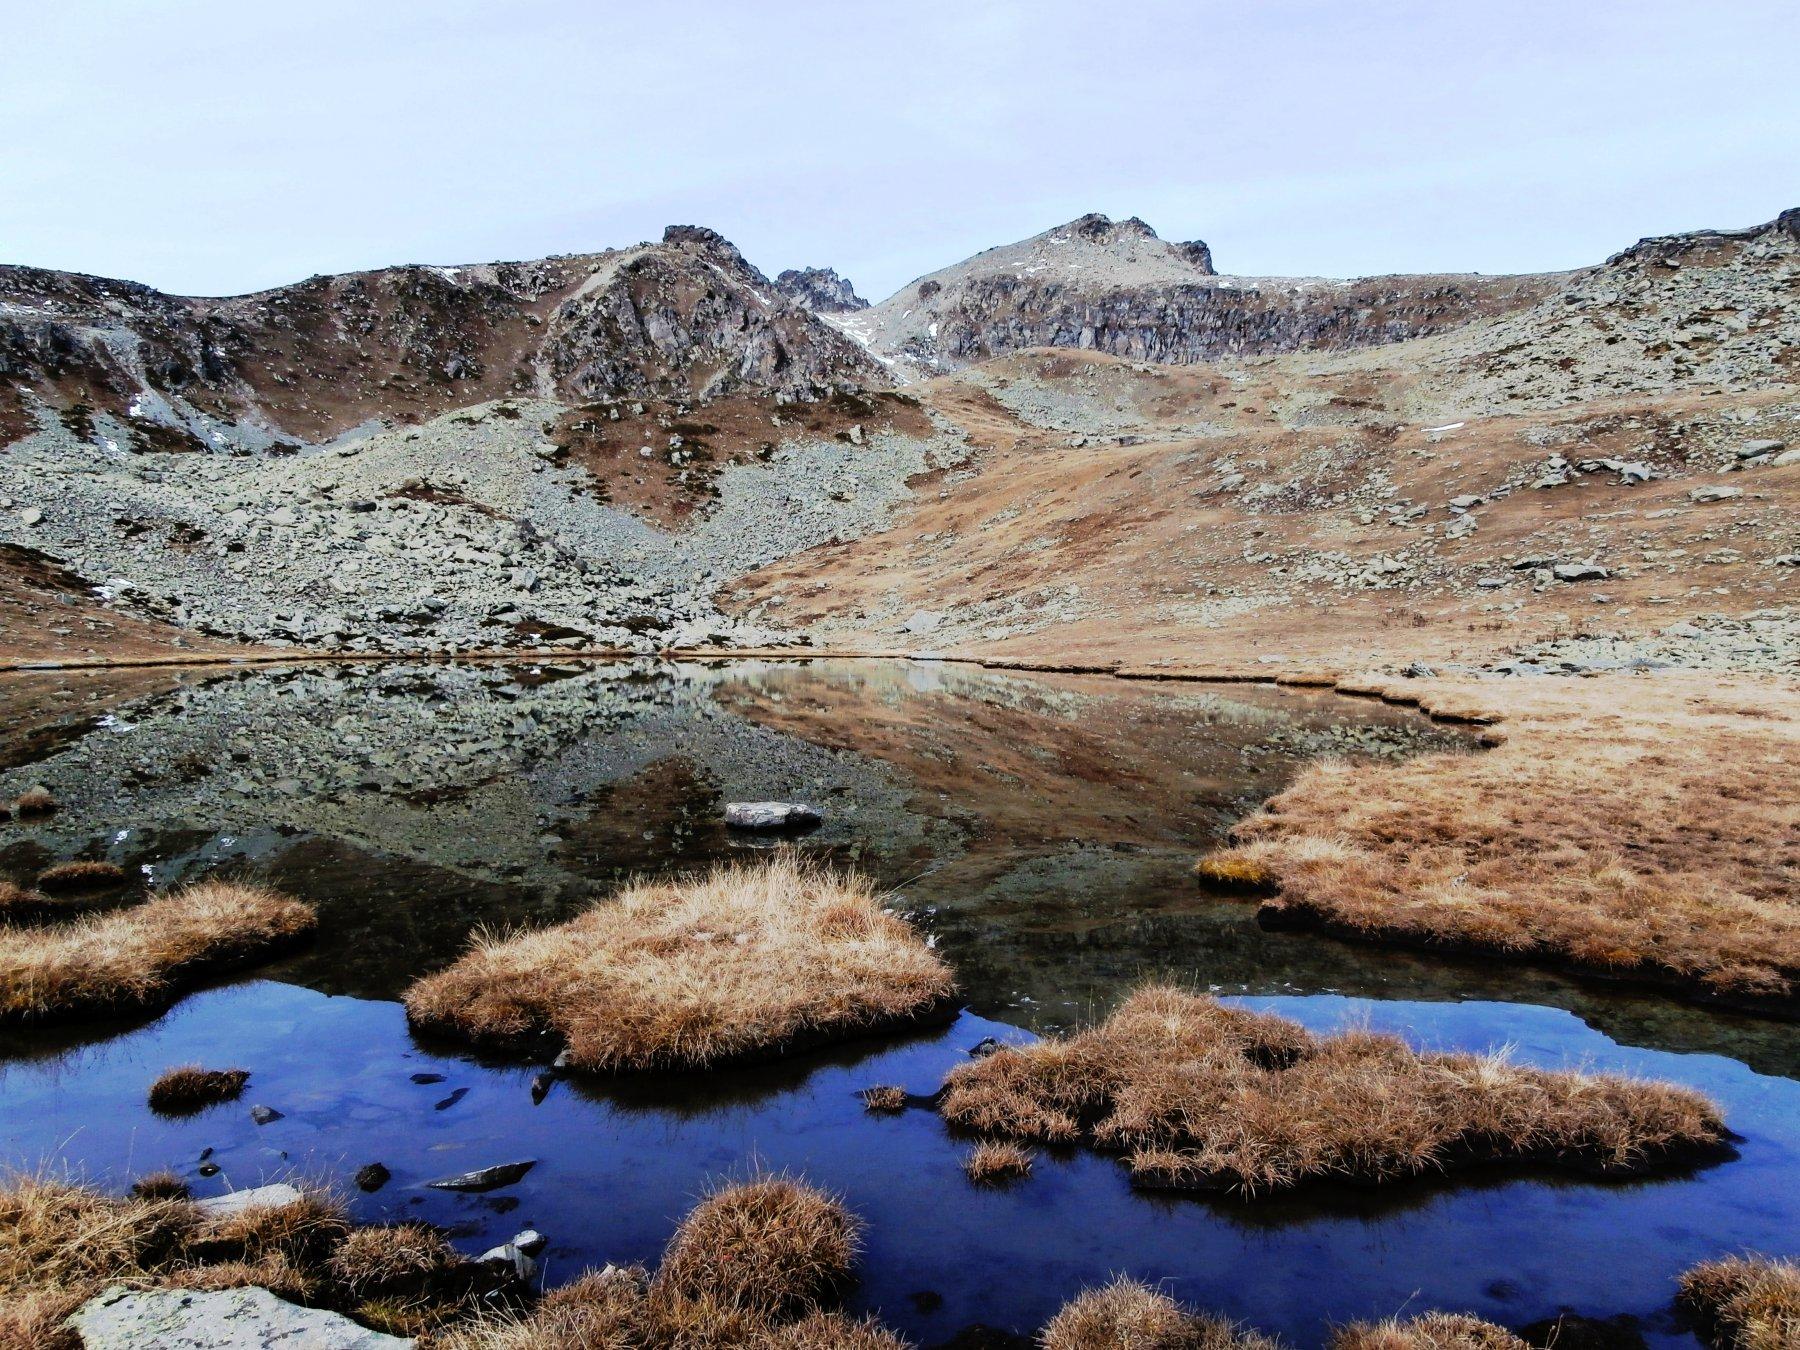 il lago di luca e la cima delle Guglie